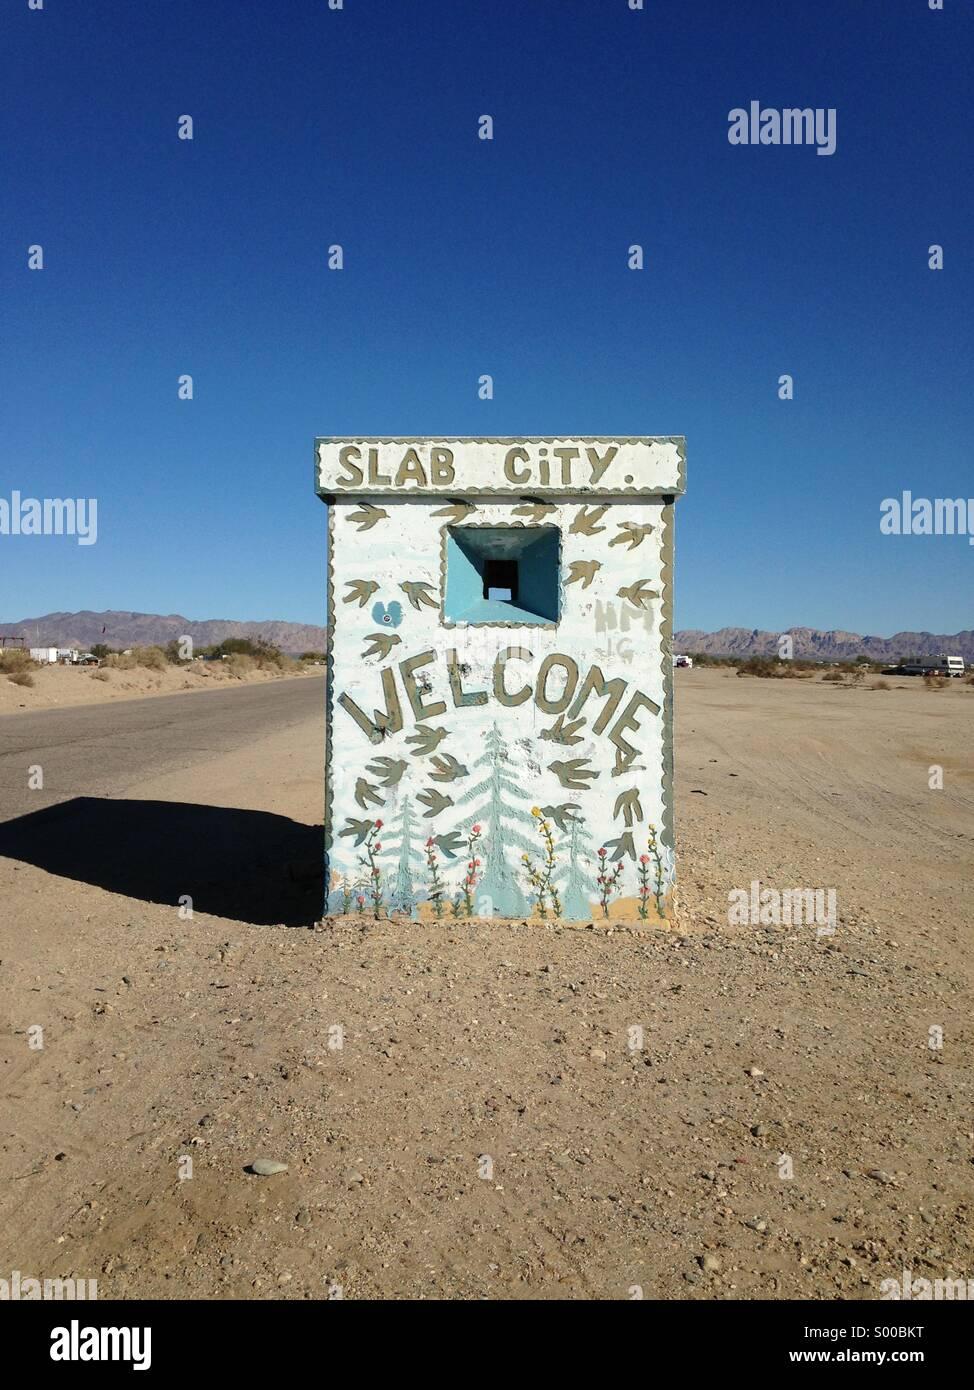 Entrance to Slab City, Niland, Calif. - Stock Image